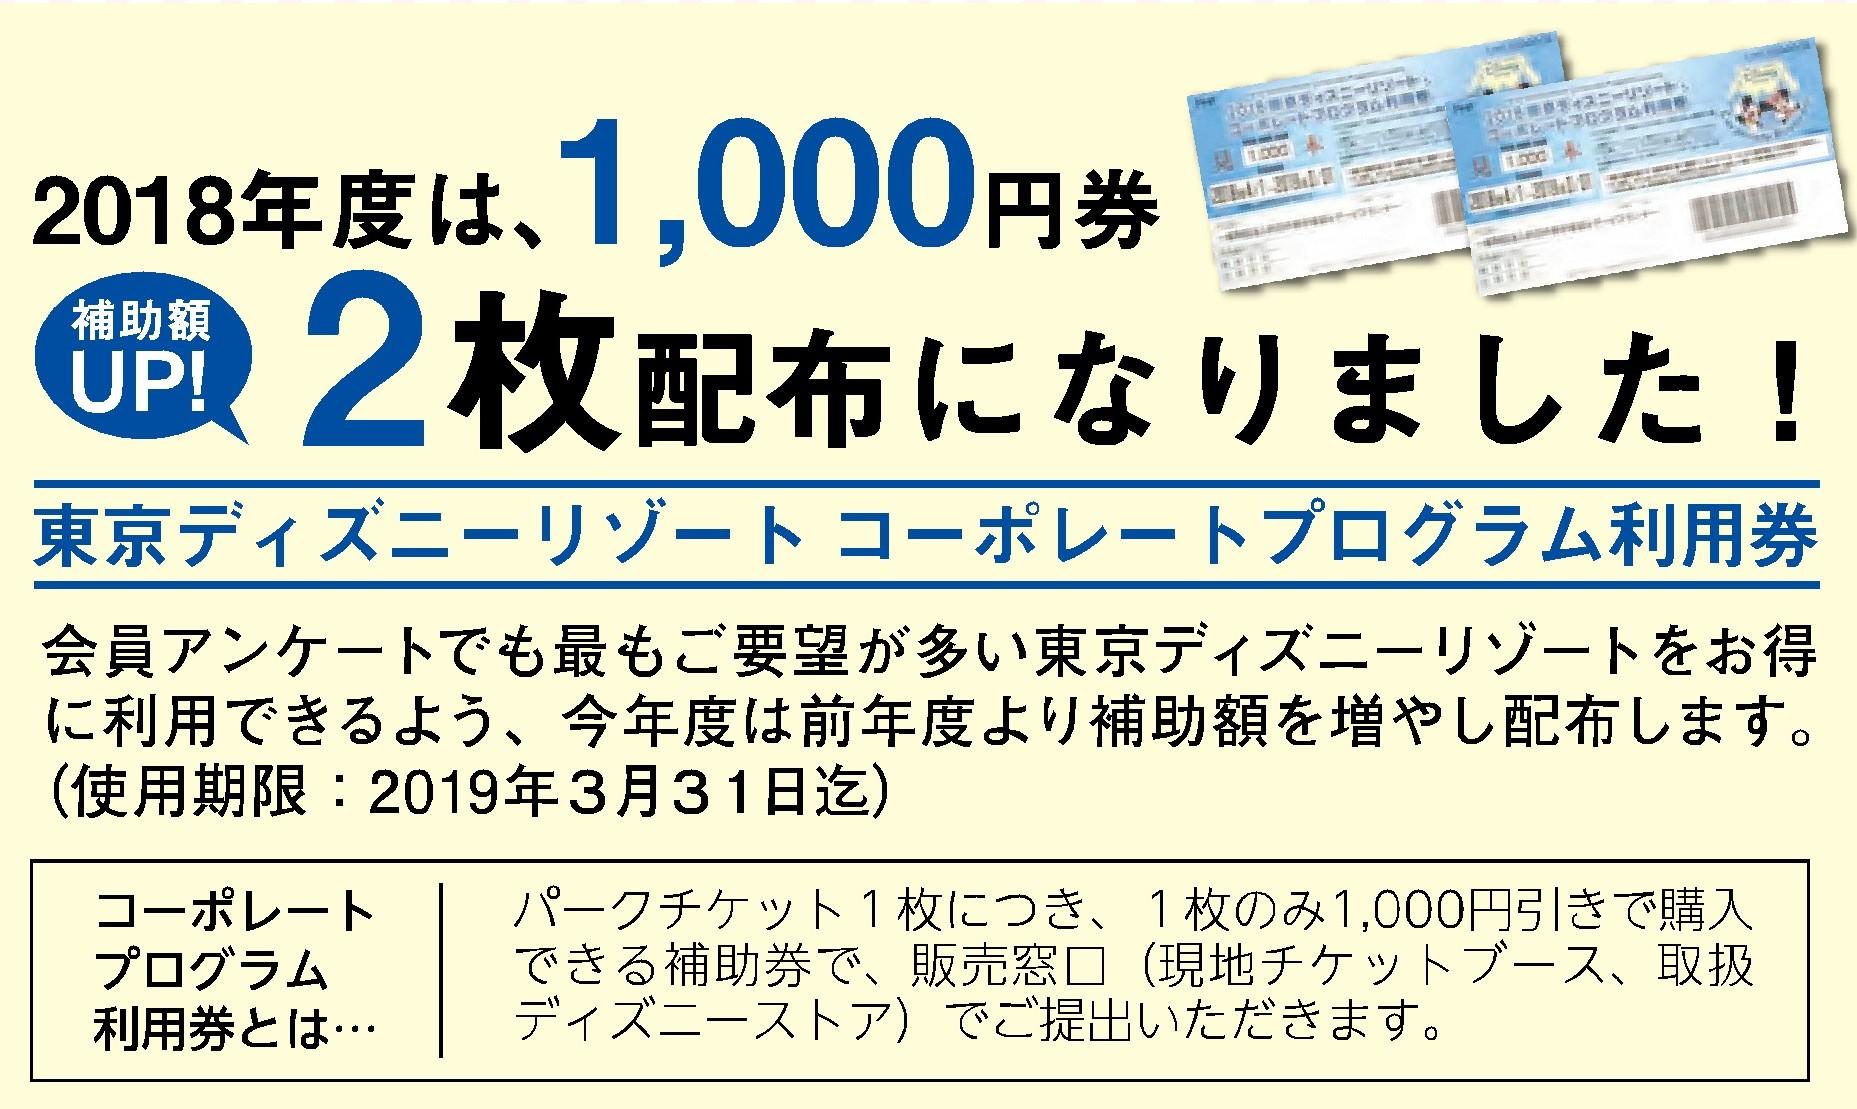 2018年度 東京ディズニーリゾート 割引補助について   町田市で福利厚生